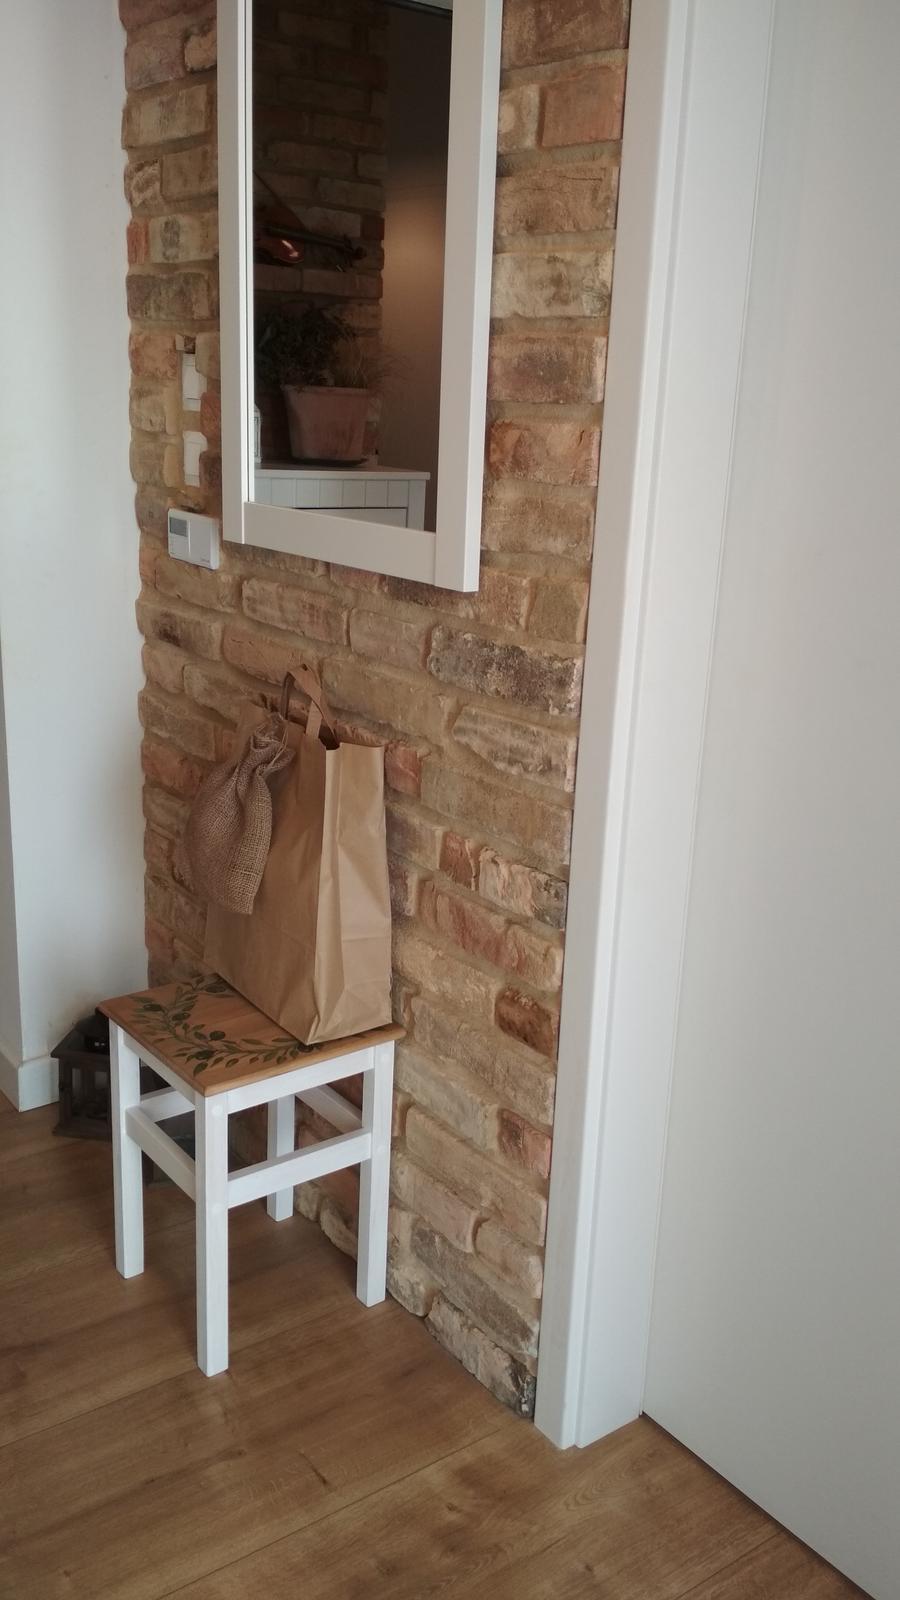 Náš domček ♡ Bramasole ♡ ... Stilo interiér aj exteriér 3. rok bývania - Obrázok č. 63